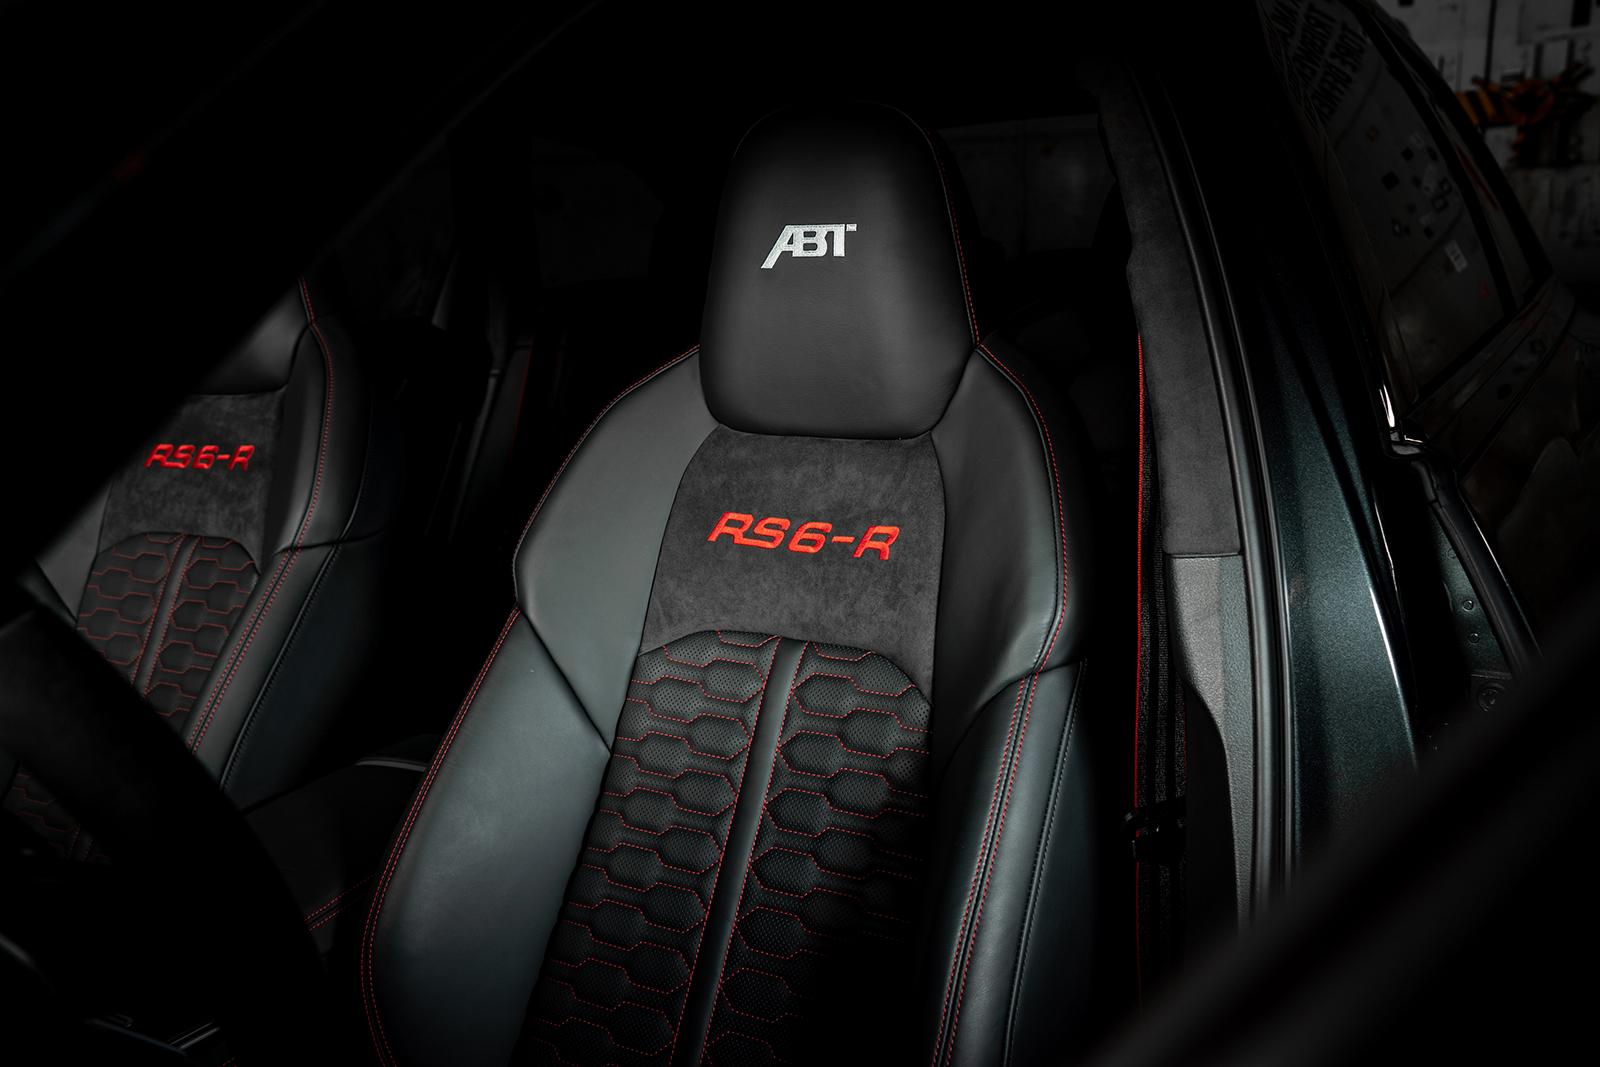 ABT_RS6-R_HR22-24